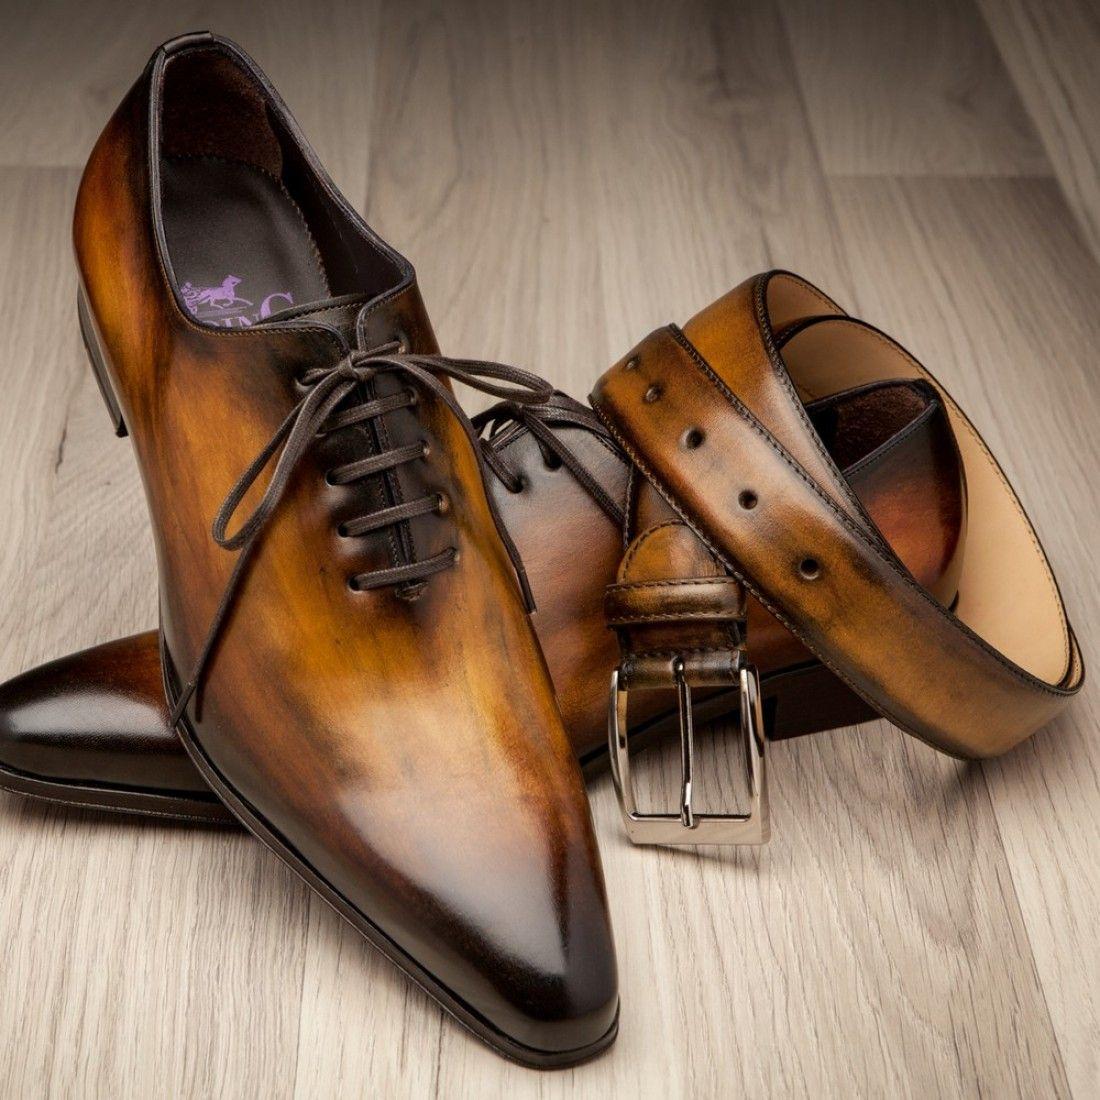 Patines en Pinterest Loding Marque 2018 Shoes shoes patine EYnFwxqz